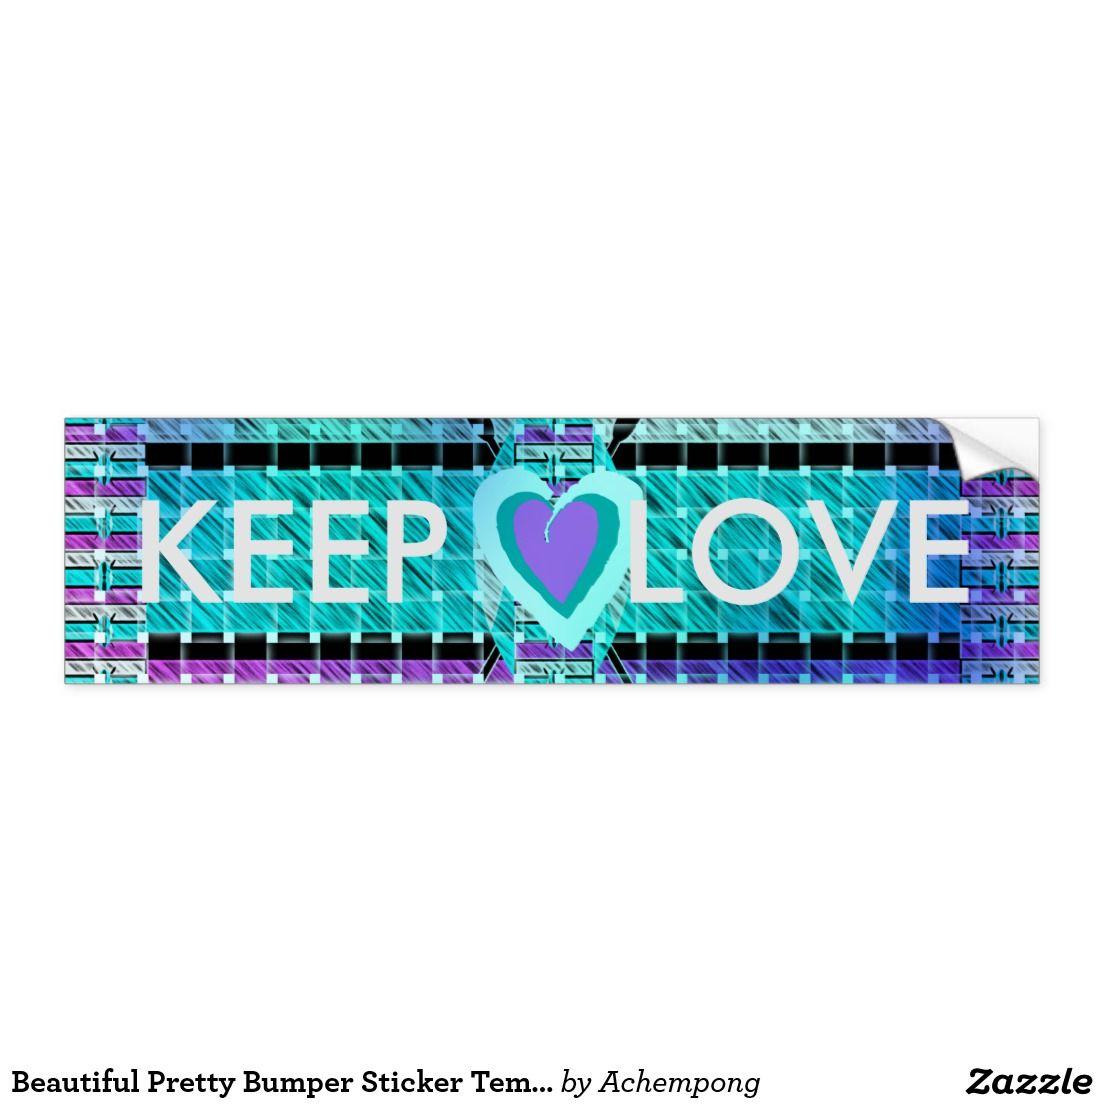 Bumper sticker design ideas - Beautiful Pretty Bumper Sticker Template Car